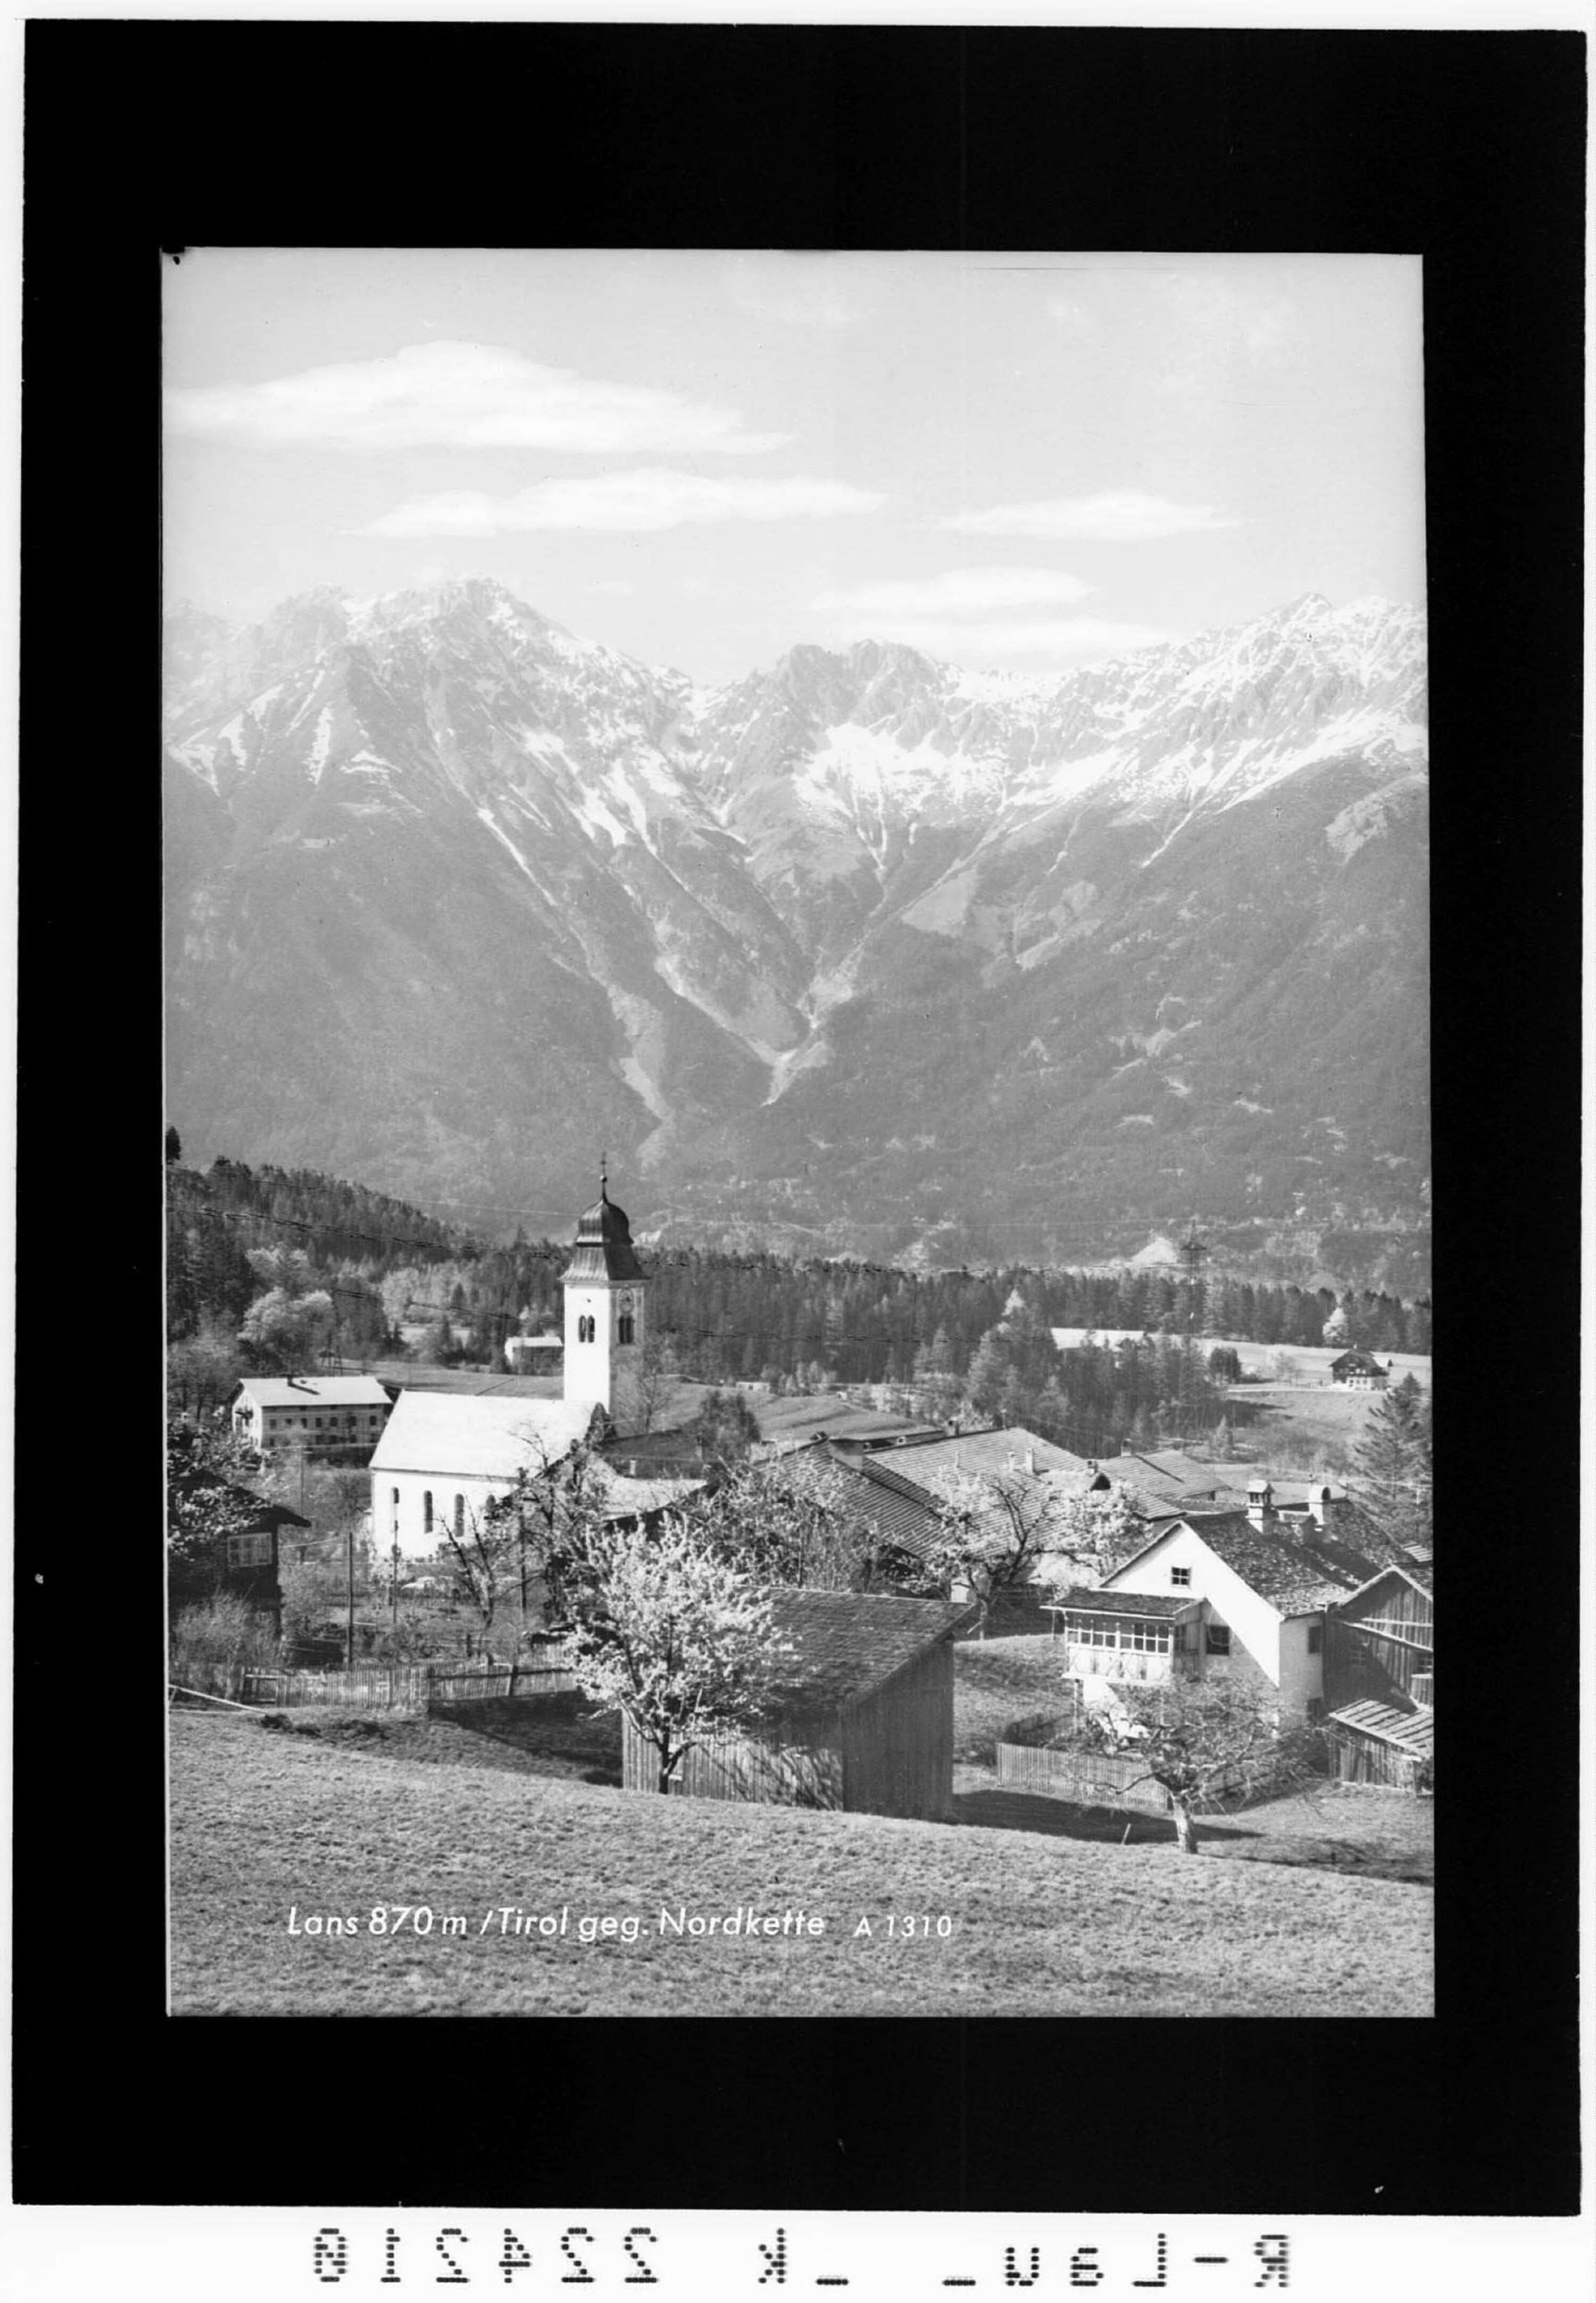 Lans 870 m / Tirol gegen Nordkette von Wilhelm Stempfle